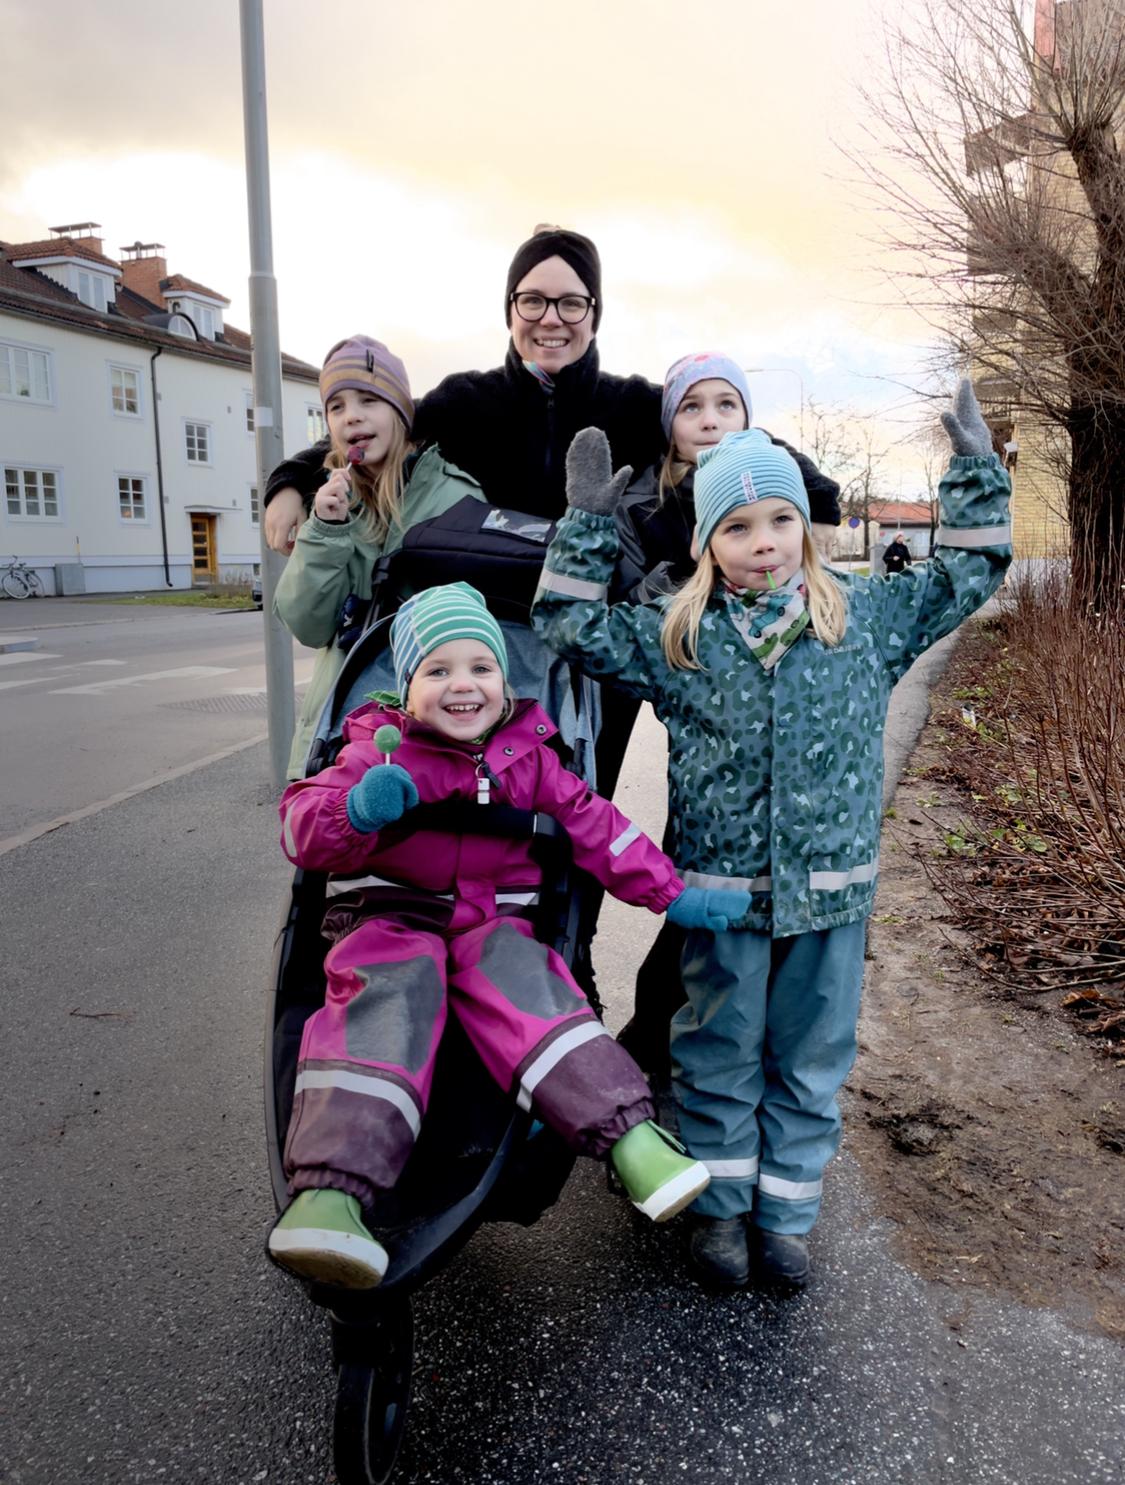 Anna Lavfors - Allt om barnvagnar